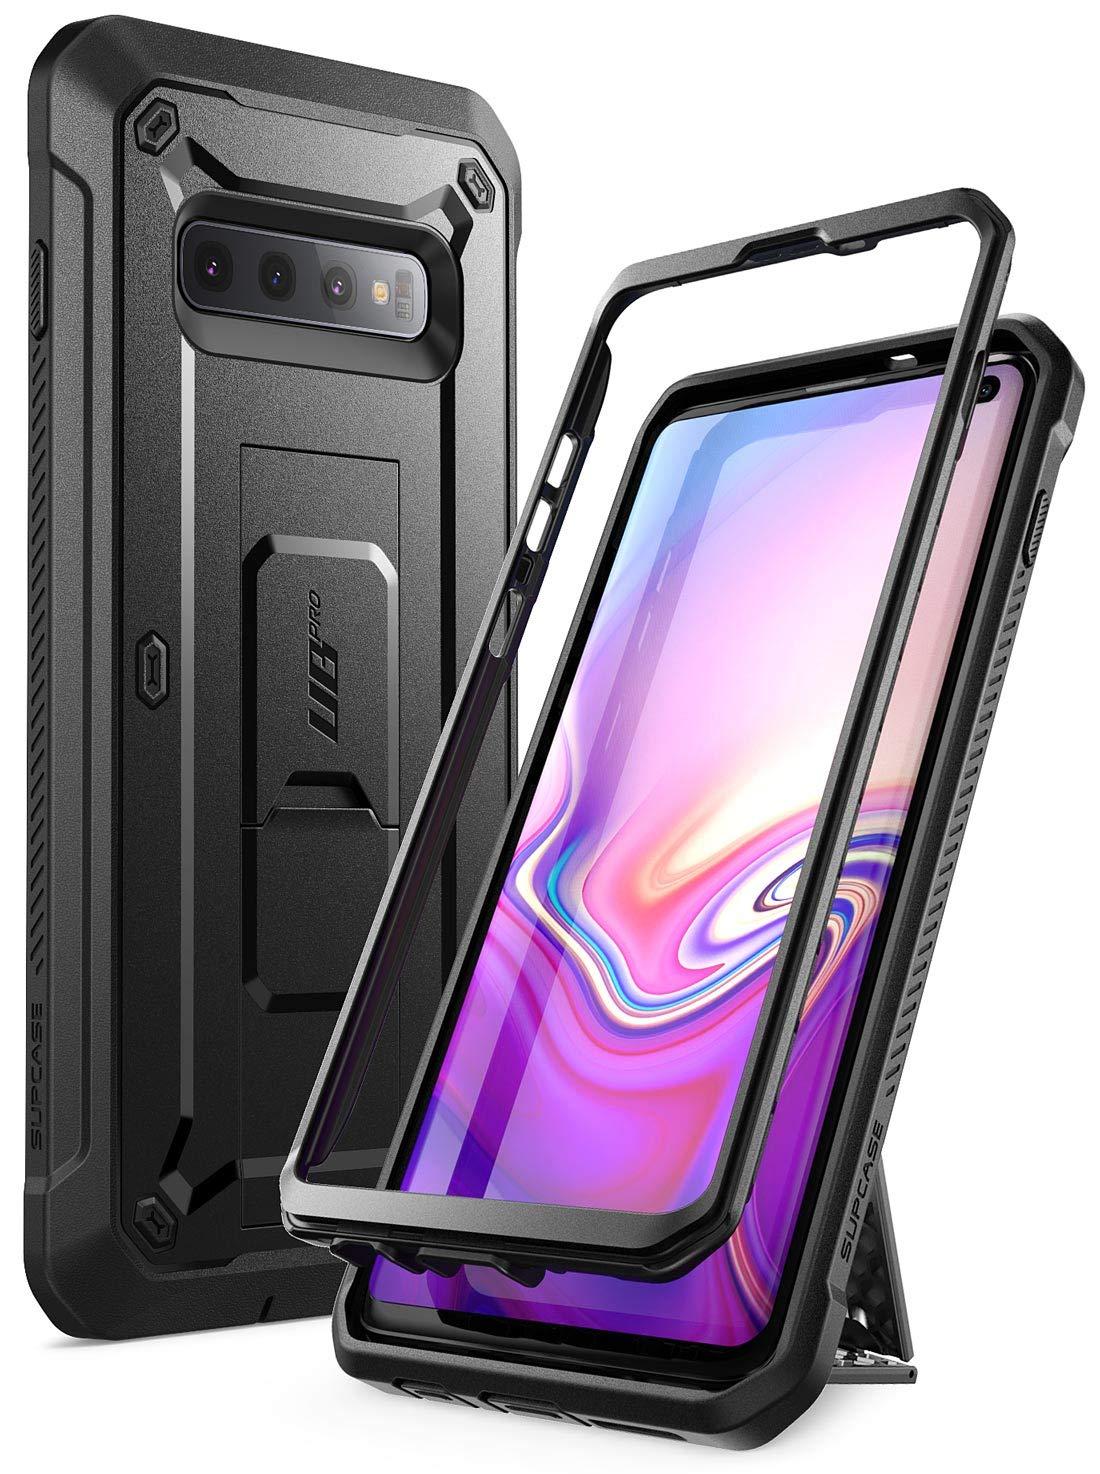 Funda Rigida Con Pie Para Samsung Galaxy S10  Negra (xsr)